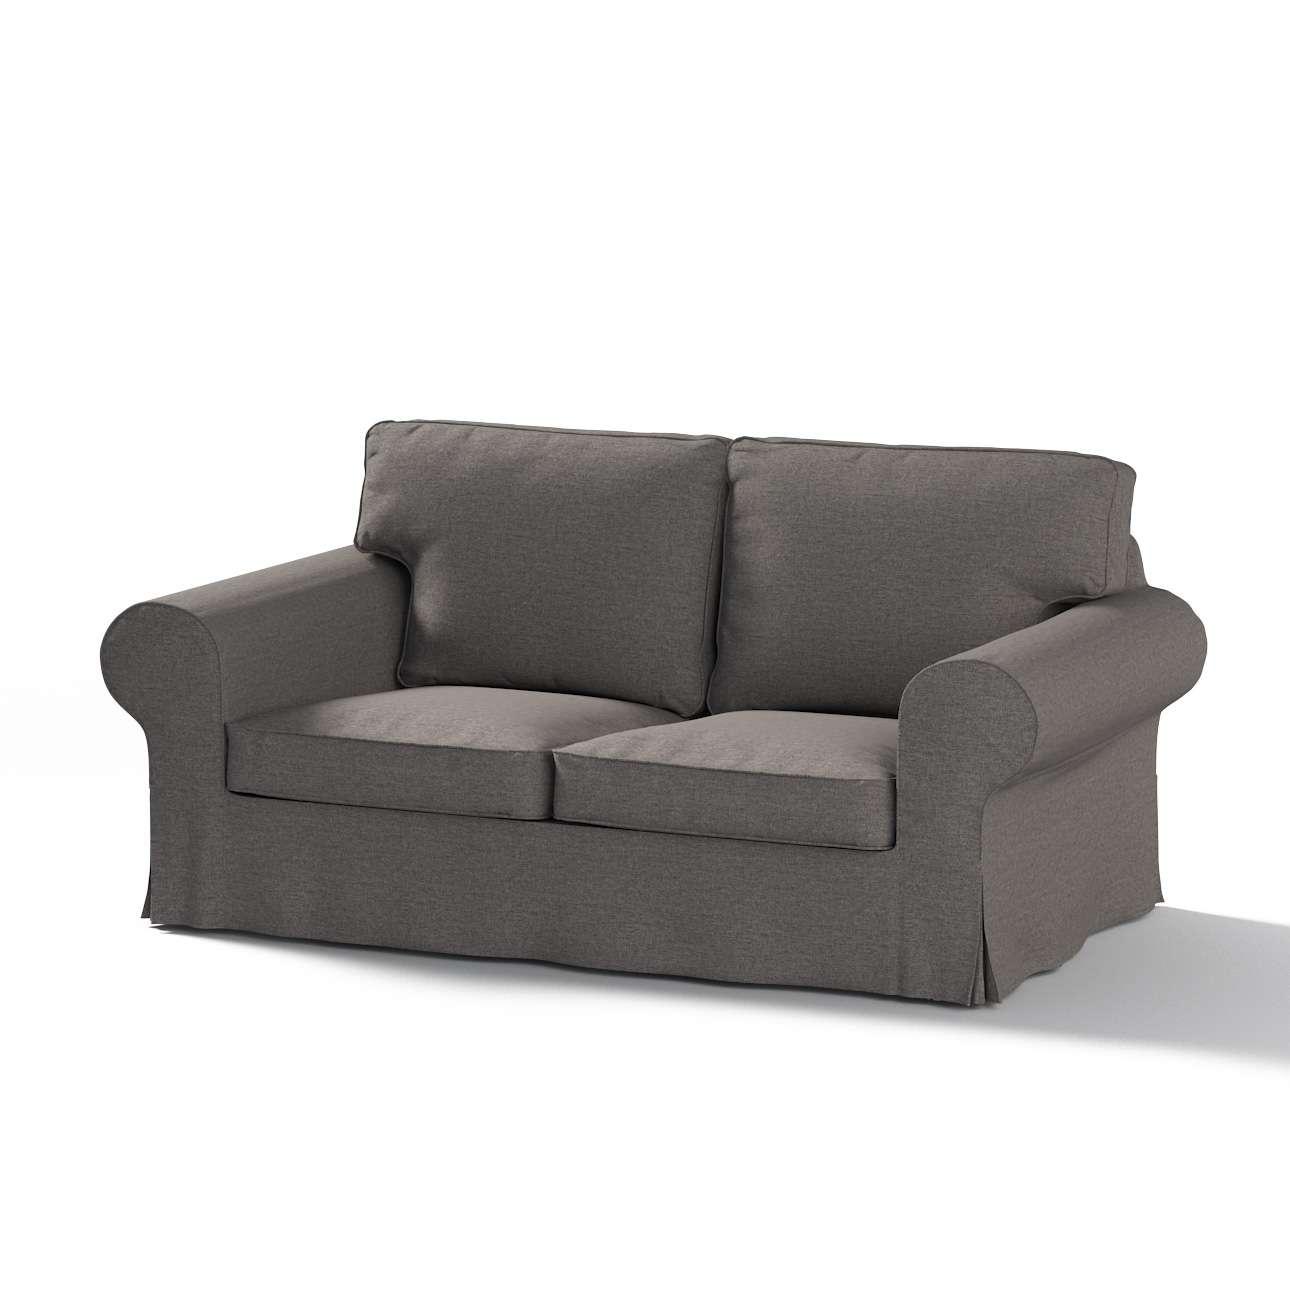 Pokrowiec na sofę Ektorp 2-osobową, rozkładaną STARY MODEL w kolekcji Edinburgh, tkanina: 115-77